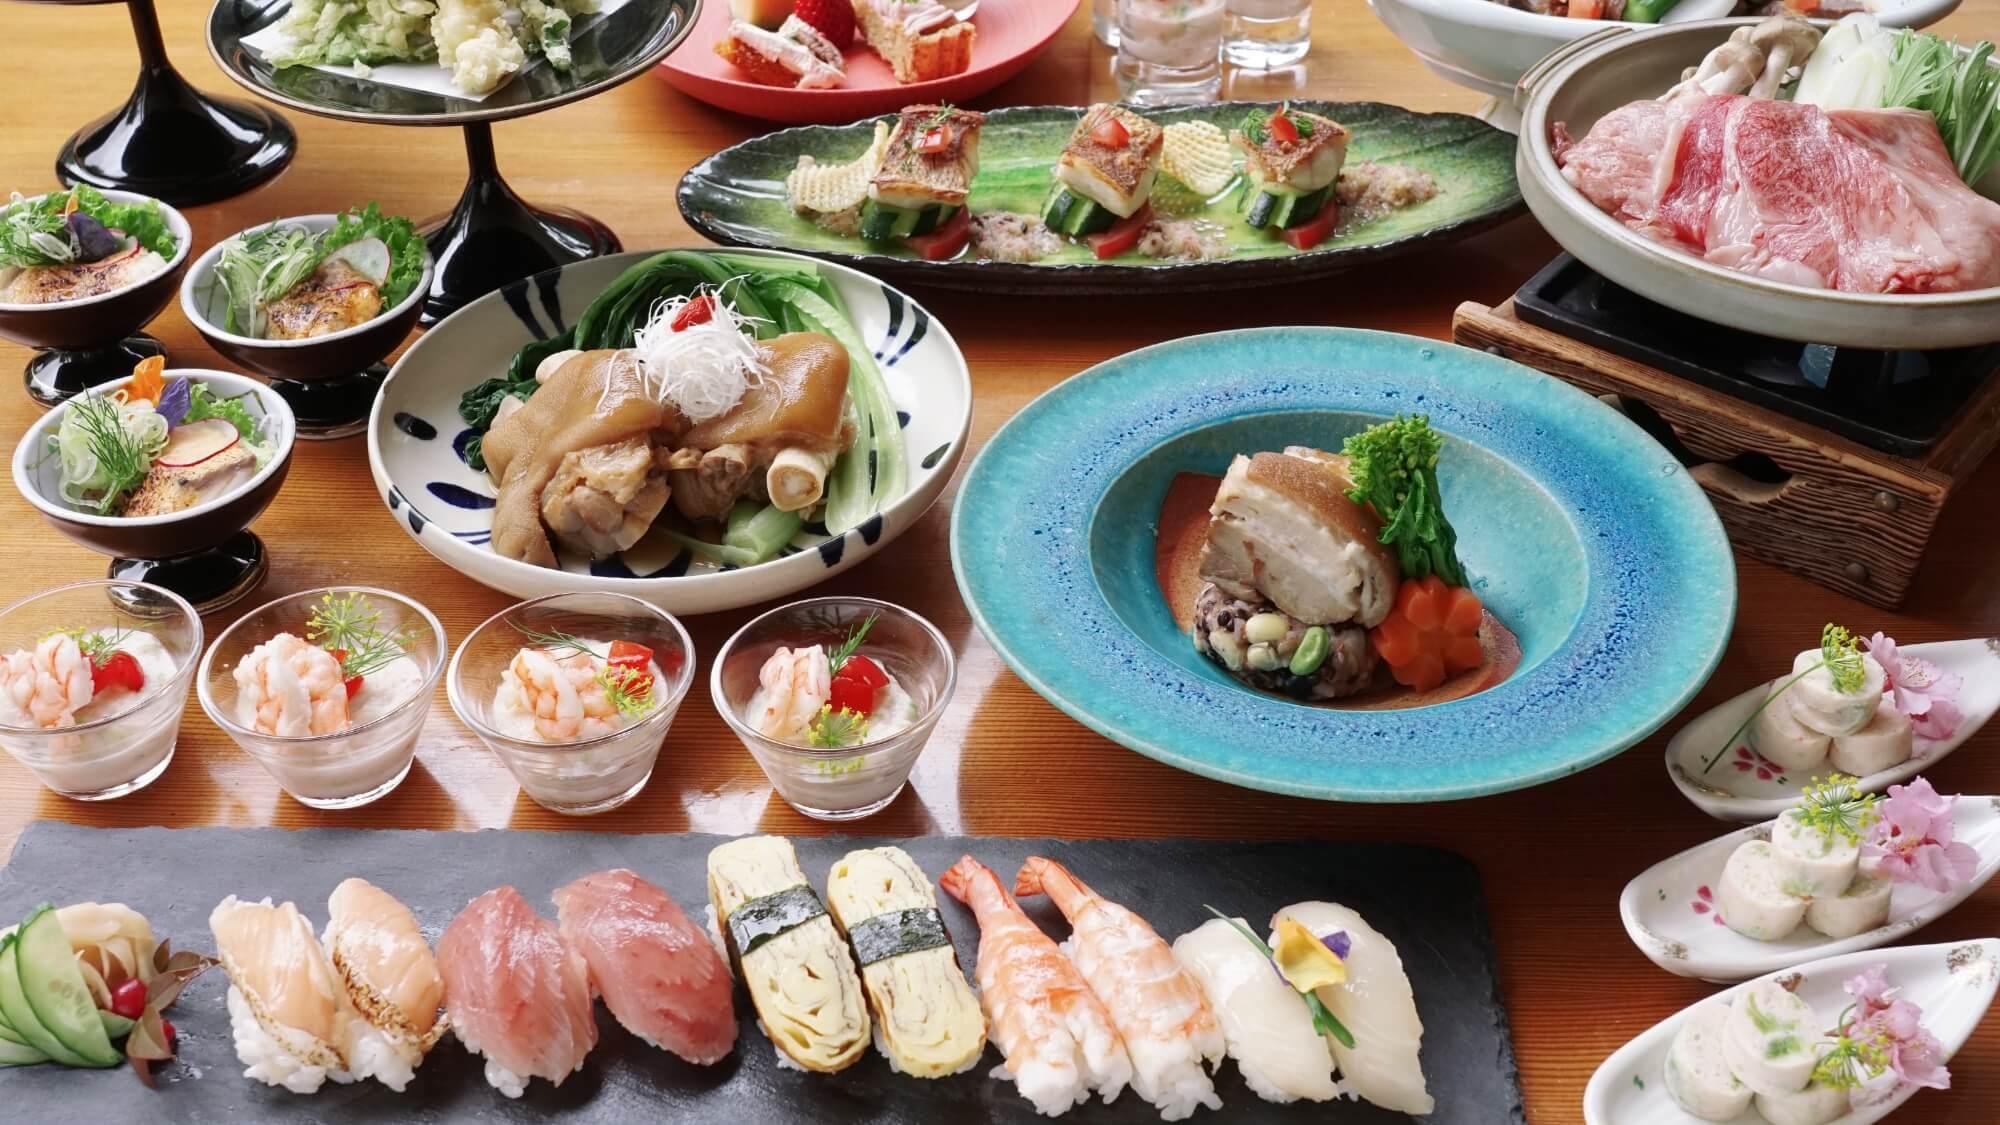 【夕朝食付】握り寿司や天ぷらに鍋料理!こだわりが詰まった和流ディナービュッフェ(展望大浴場入り放題)